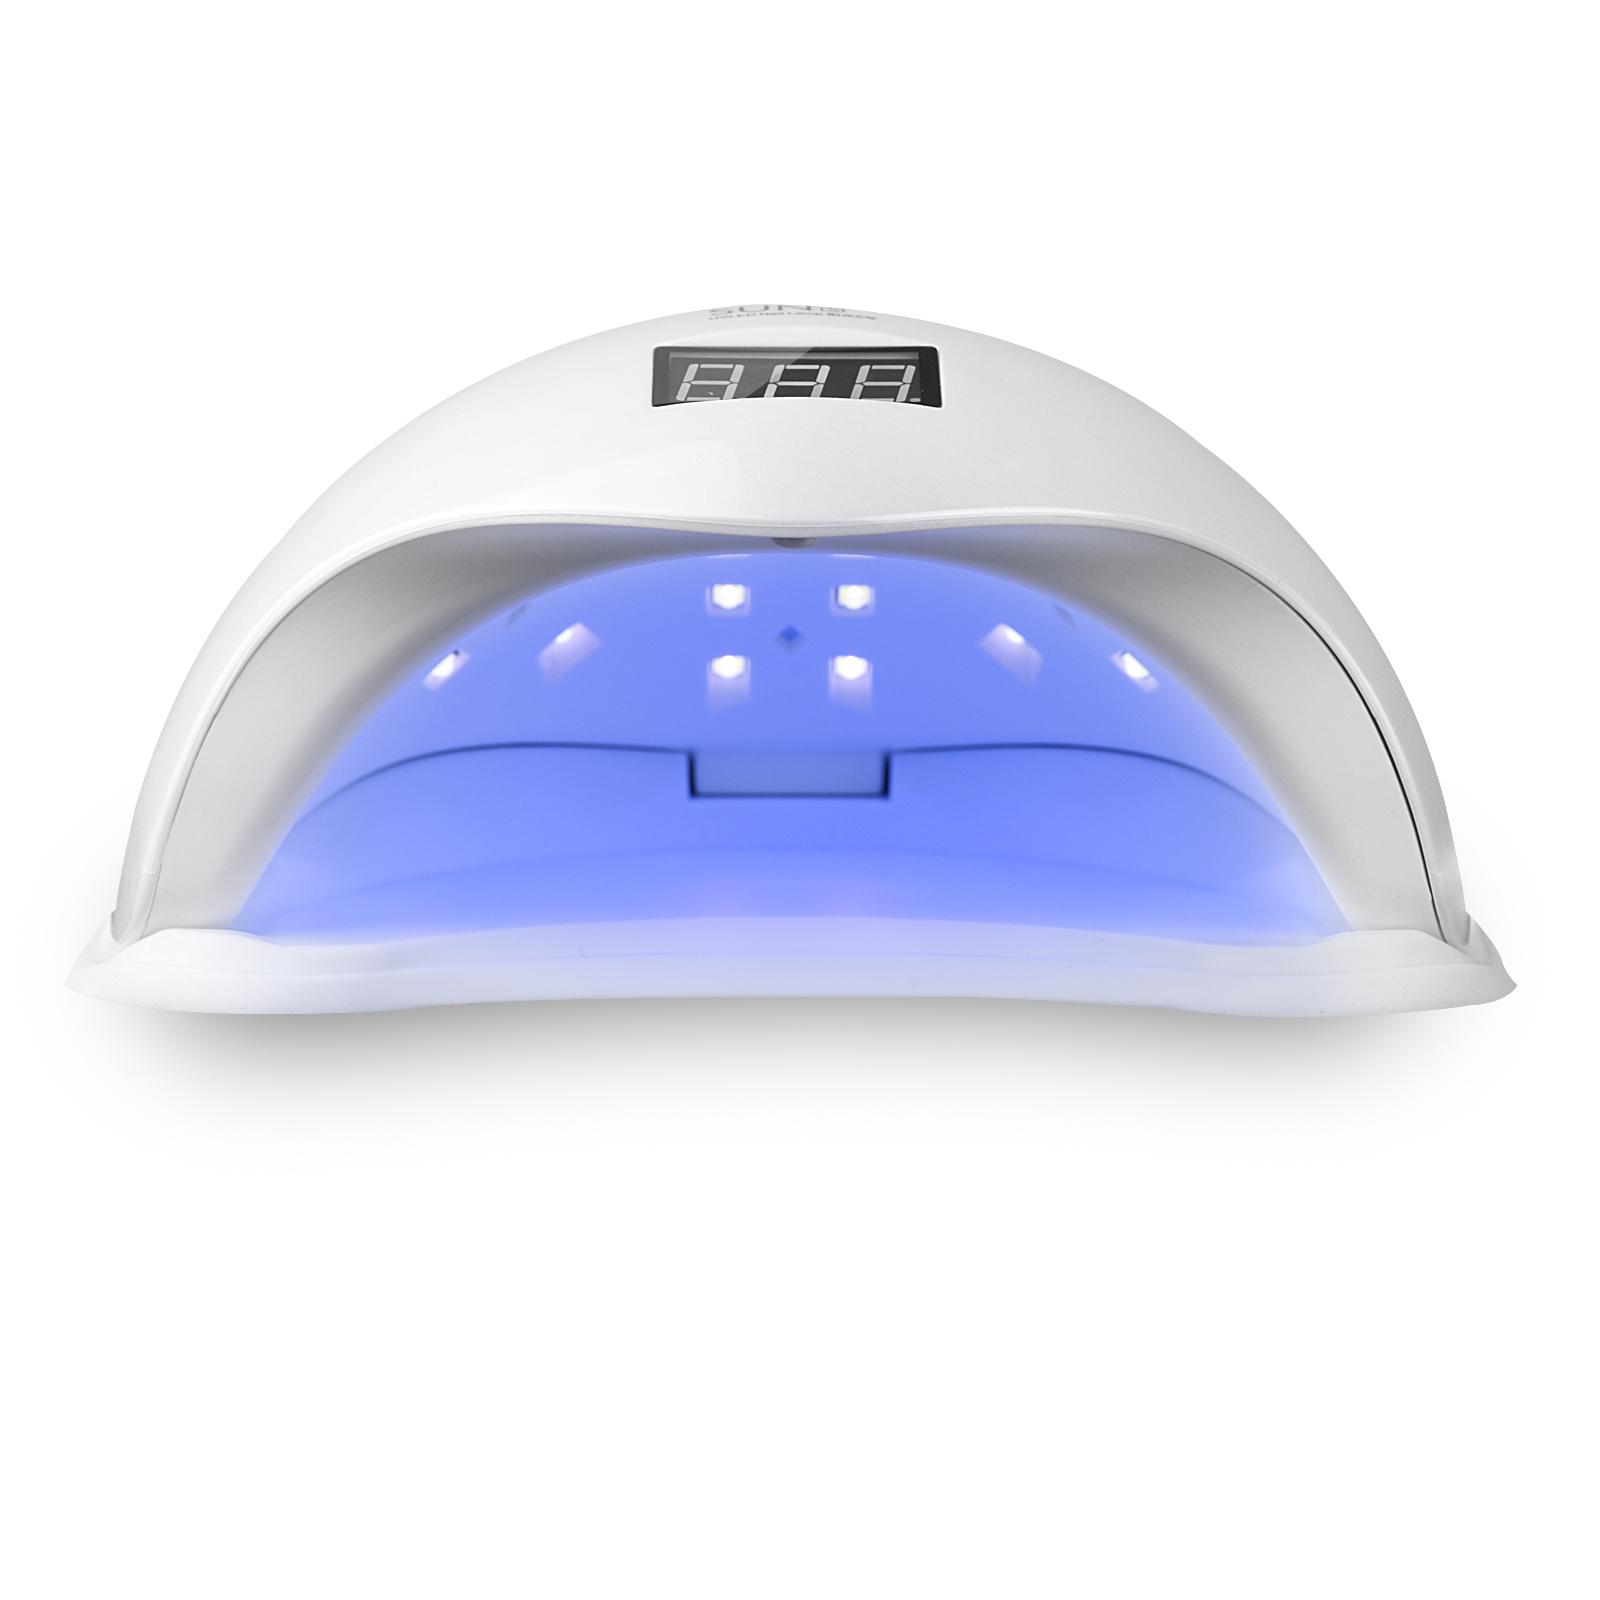 48w sun5 uv lampe led lichth rtungsger t nagel trockner. Black Bedroom Furniture Sets. Home Design Ideas